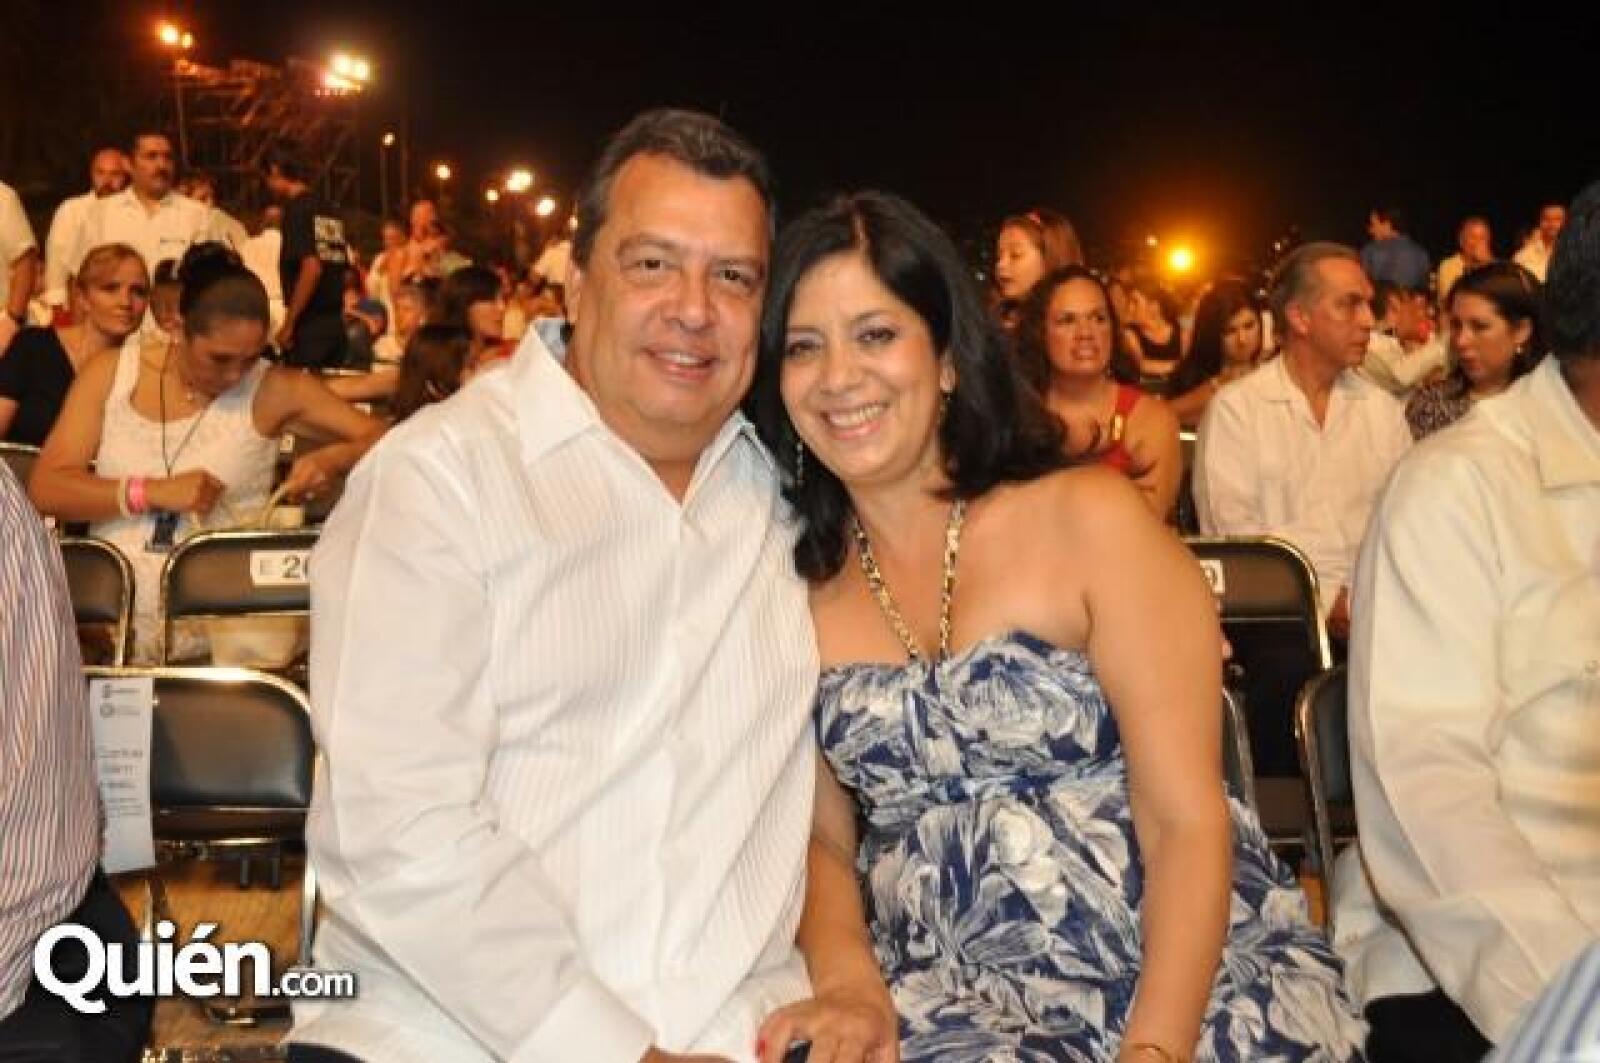 El gobernador de Guerrero, Ángel Aguirre Rivero y Laura del Rocio de Aguirre.